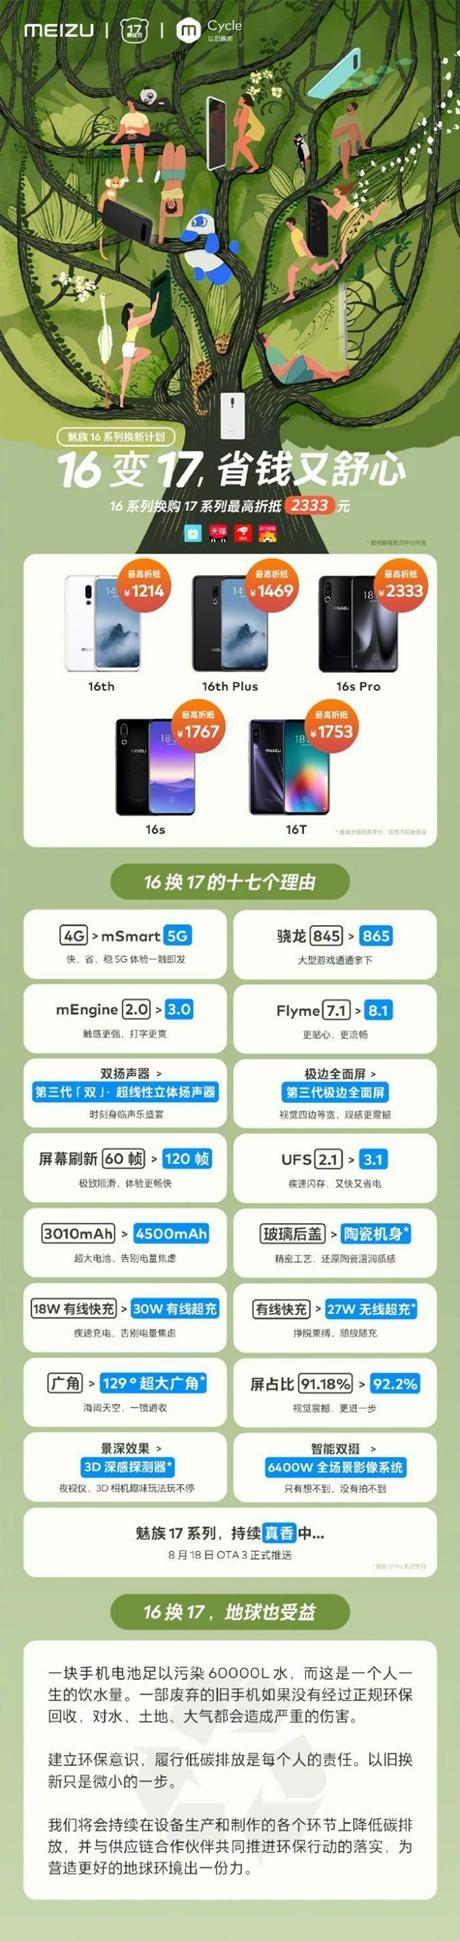 苹果、小米、一加也可享换机补贴?魅族 16 系列换新计划再升级!